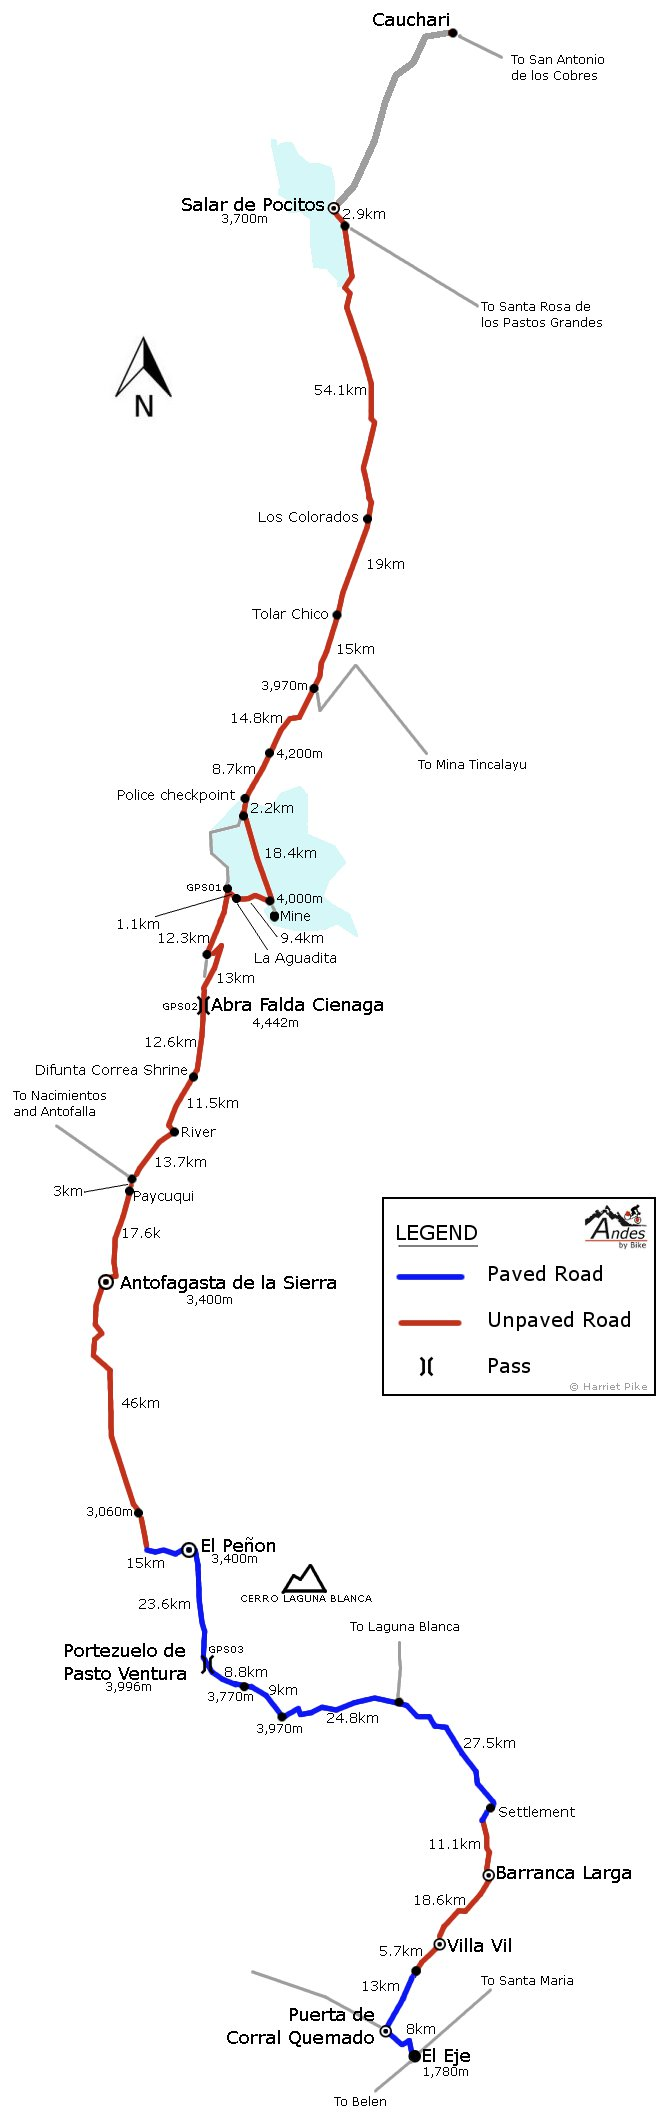 Antofagasta de la Sierra route